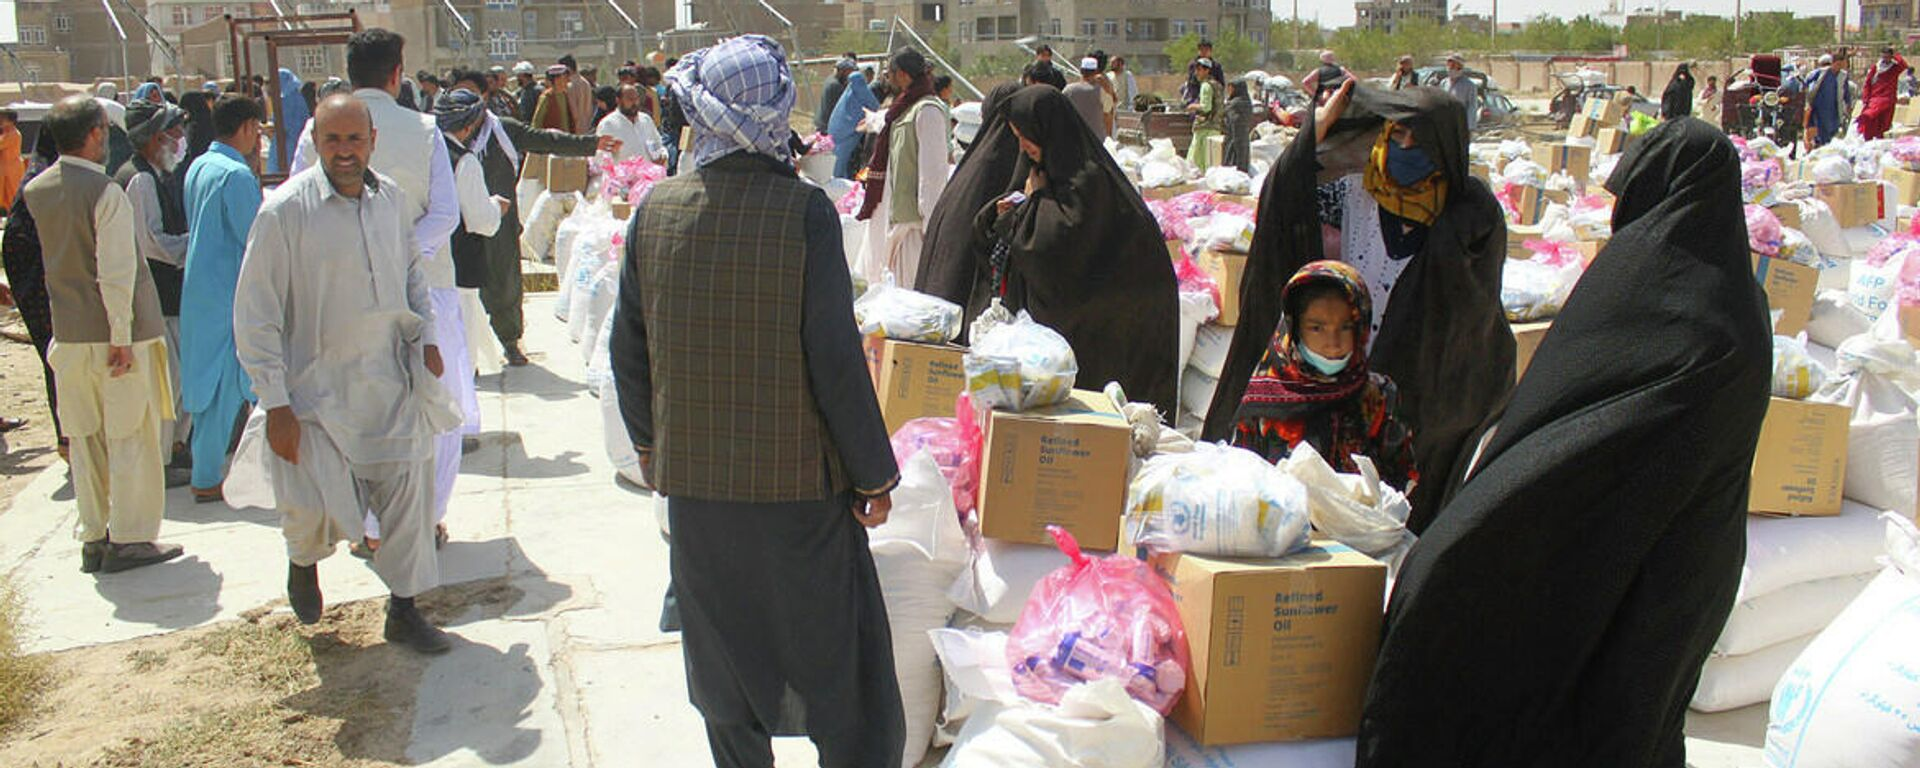 Сотрудники ВПП распределяют продовольственную помощь в Герате, Афганистан. Август 2021 года. - Sputnik Узбекистан, 1920, 15.09.2021